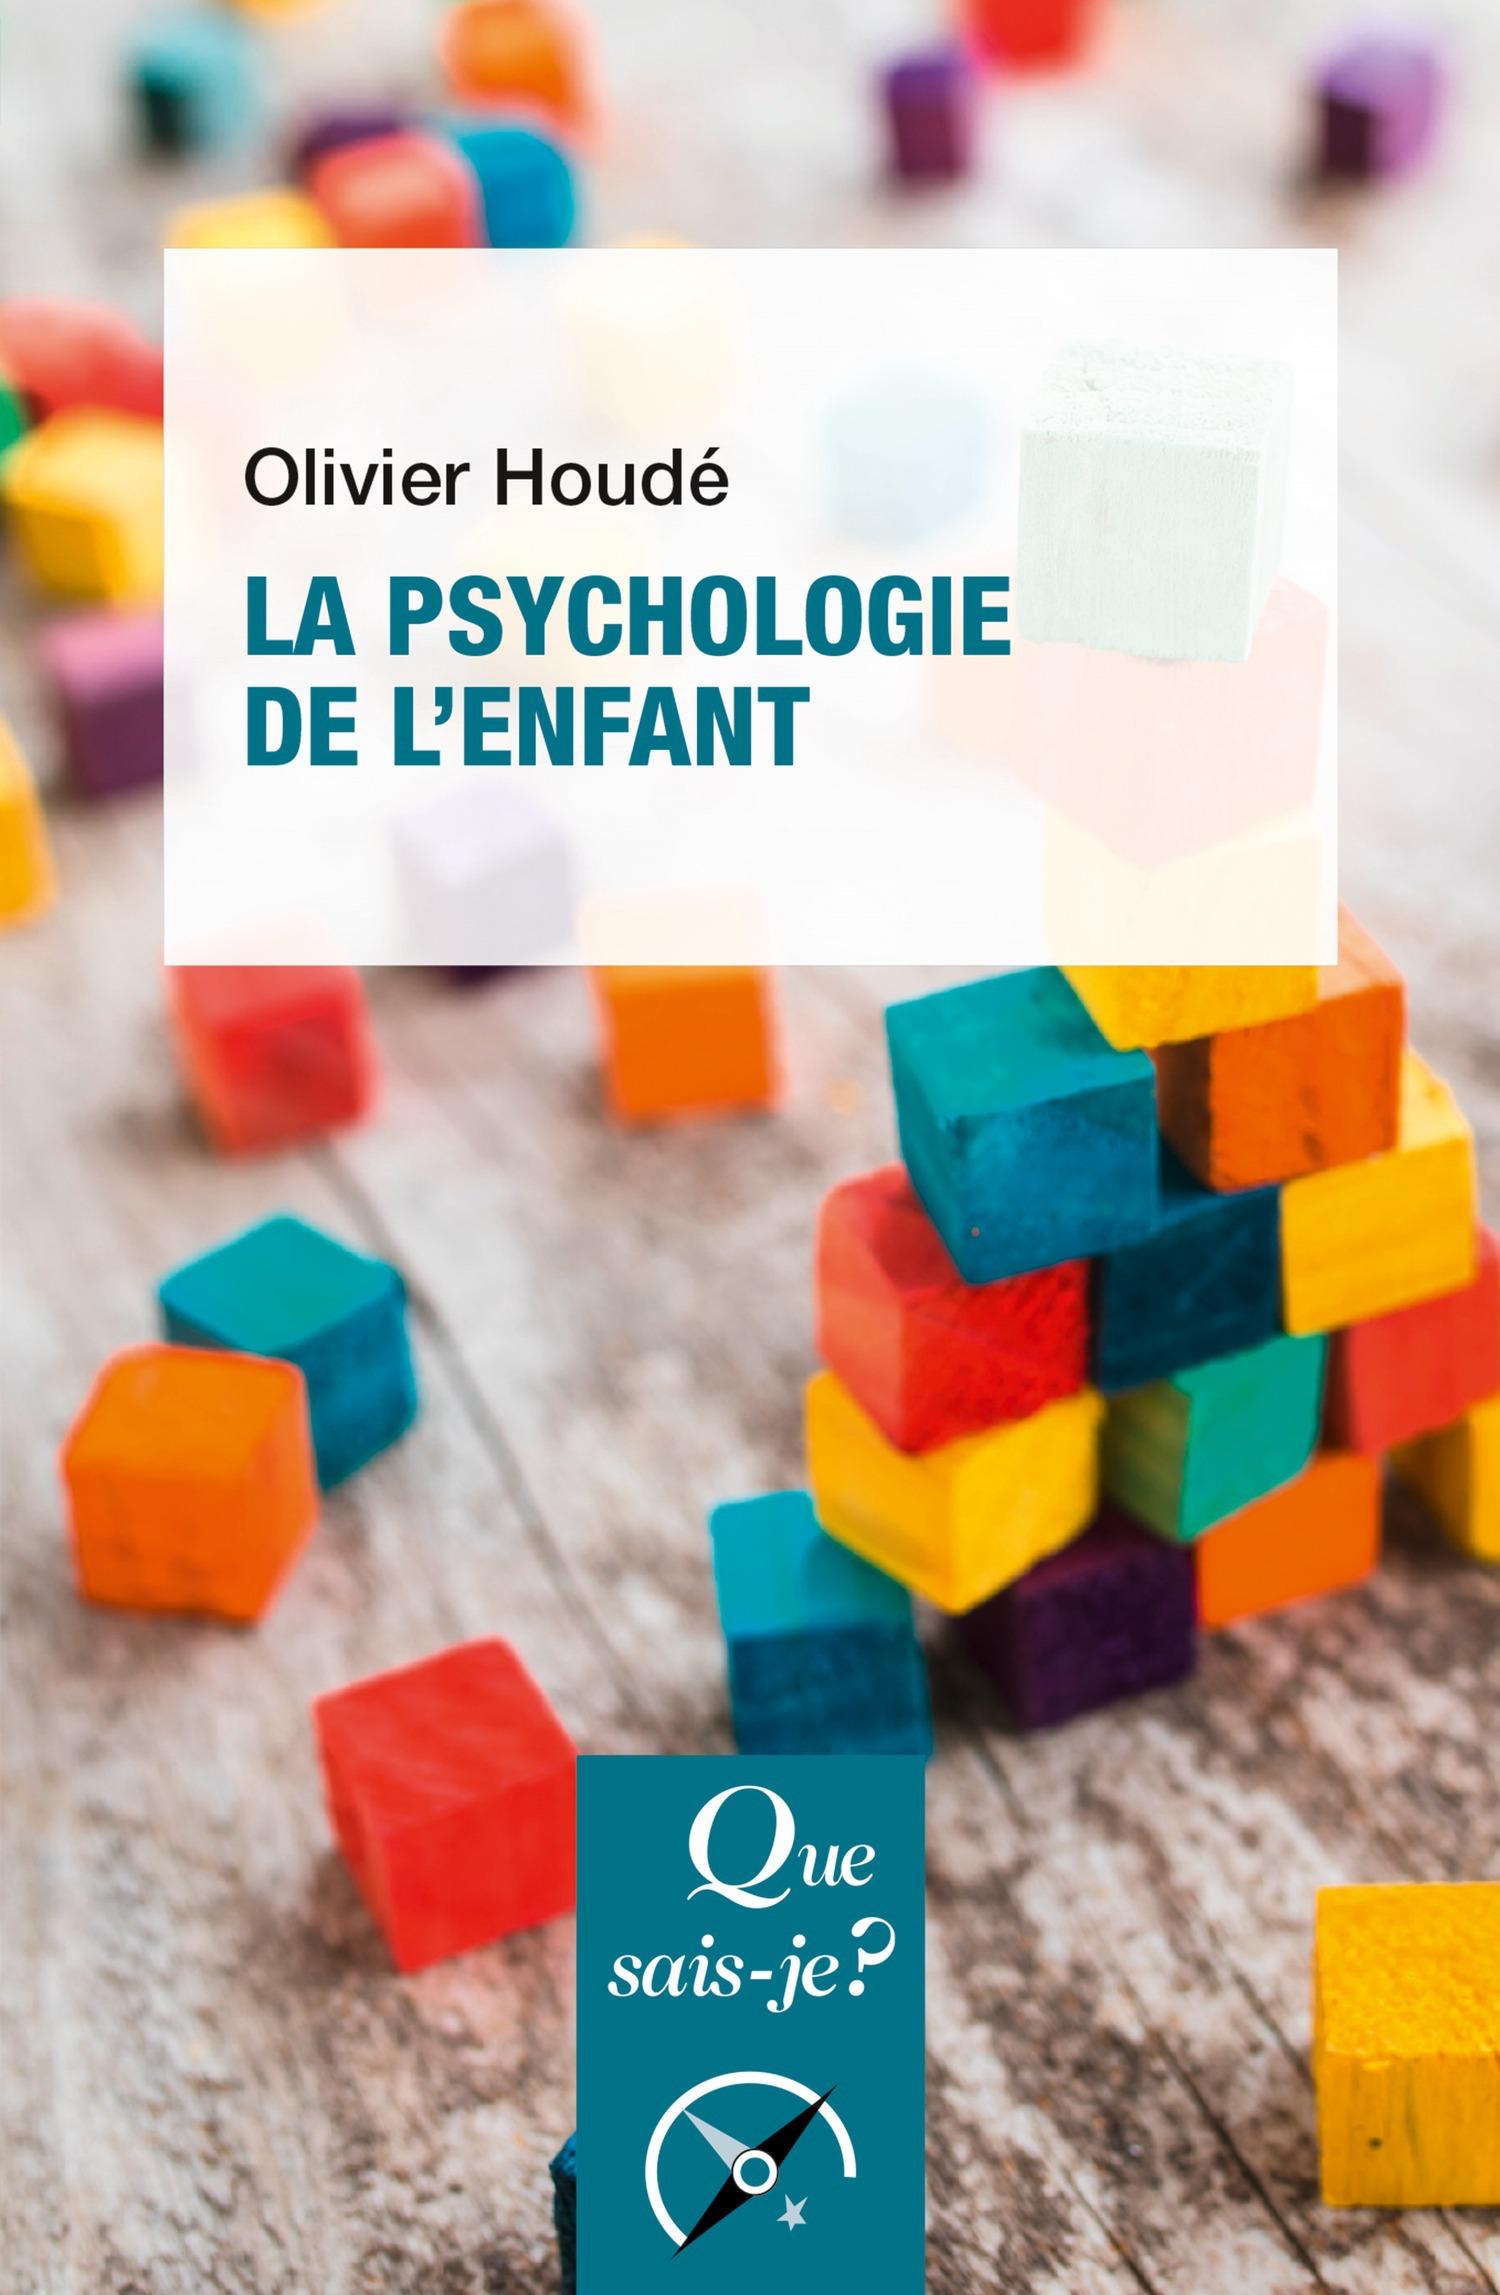 Olivier Houdé La psychologie de l'enfant